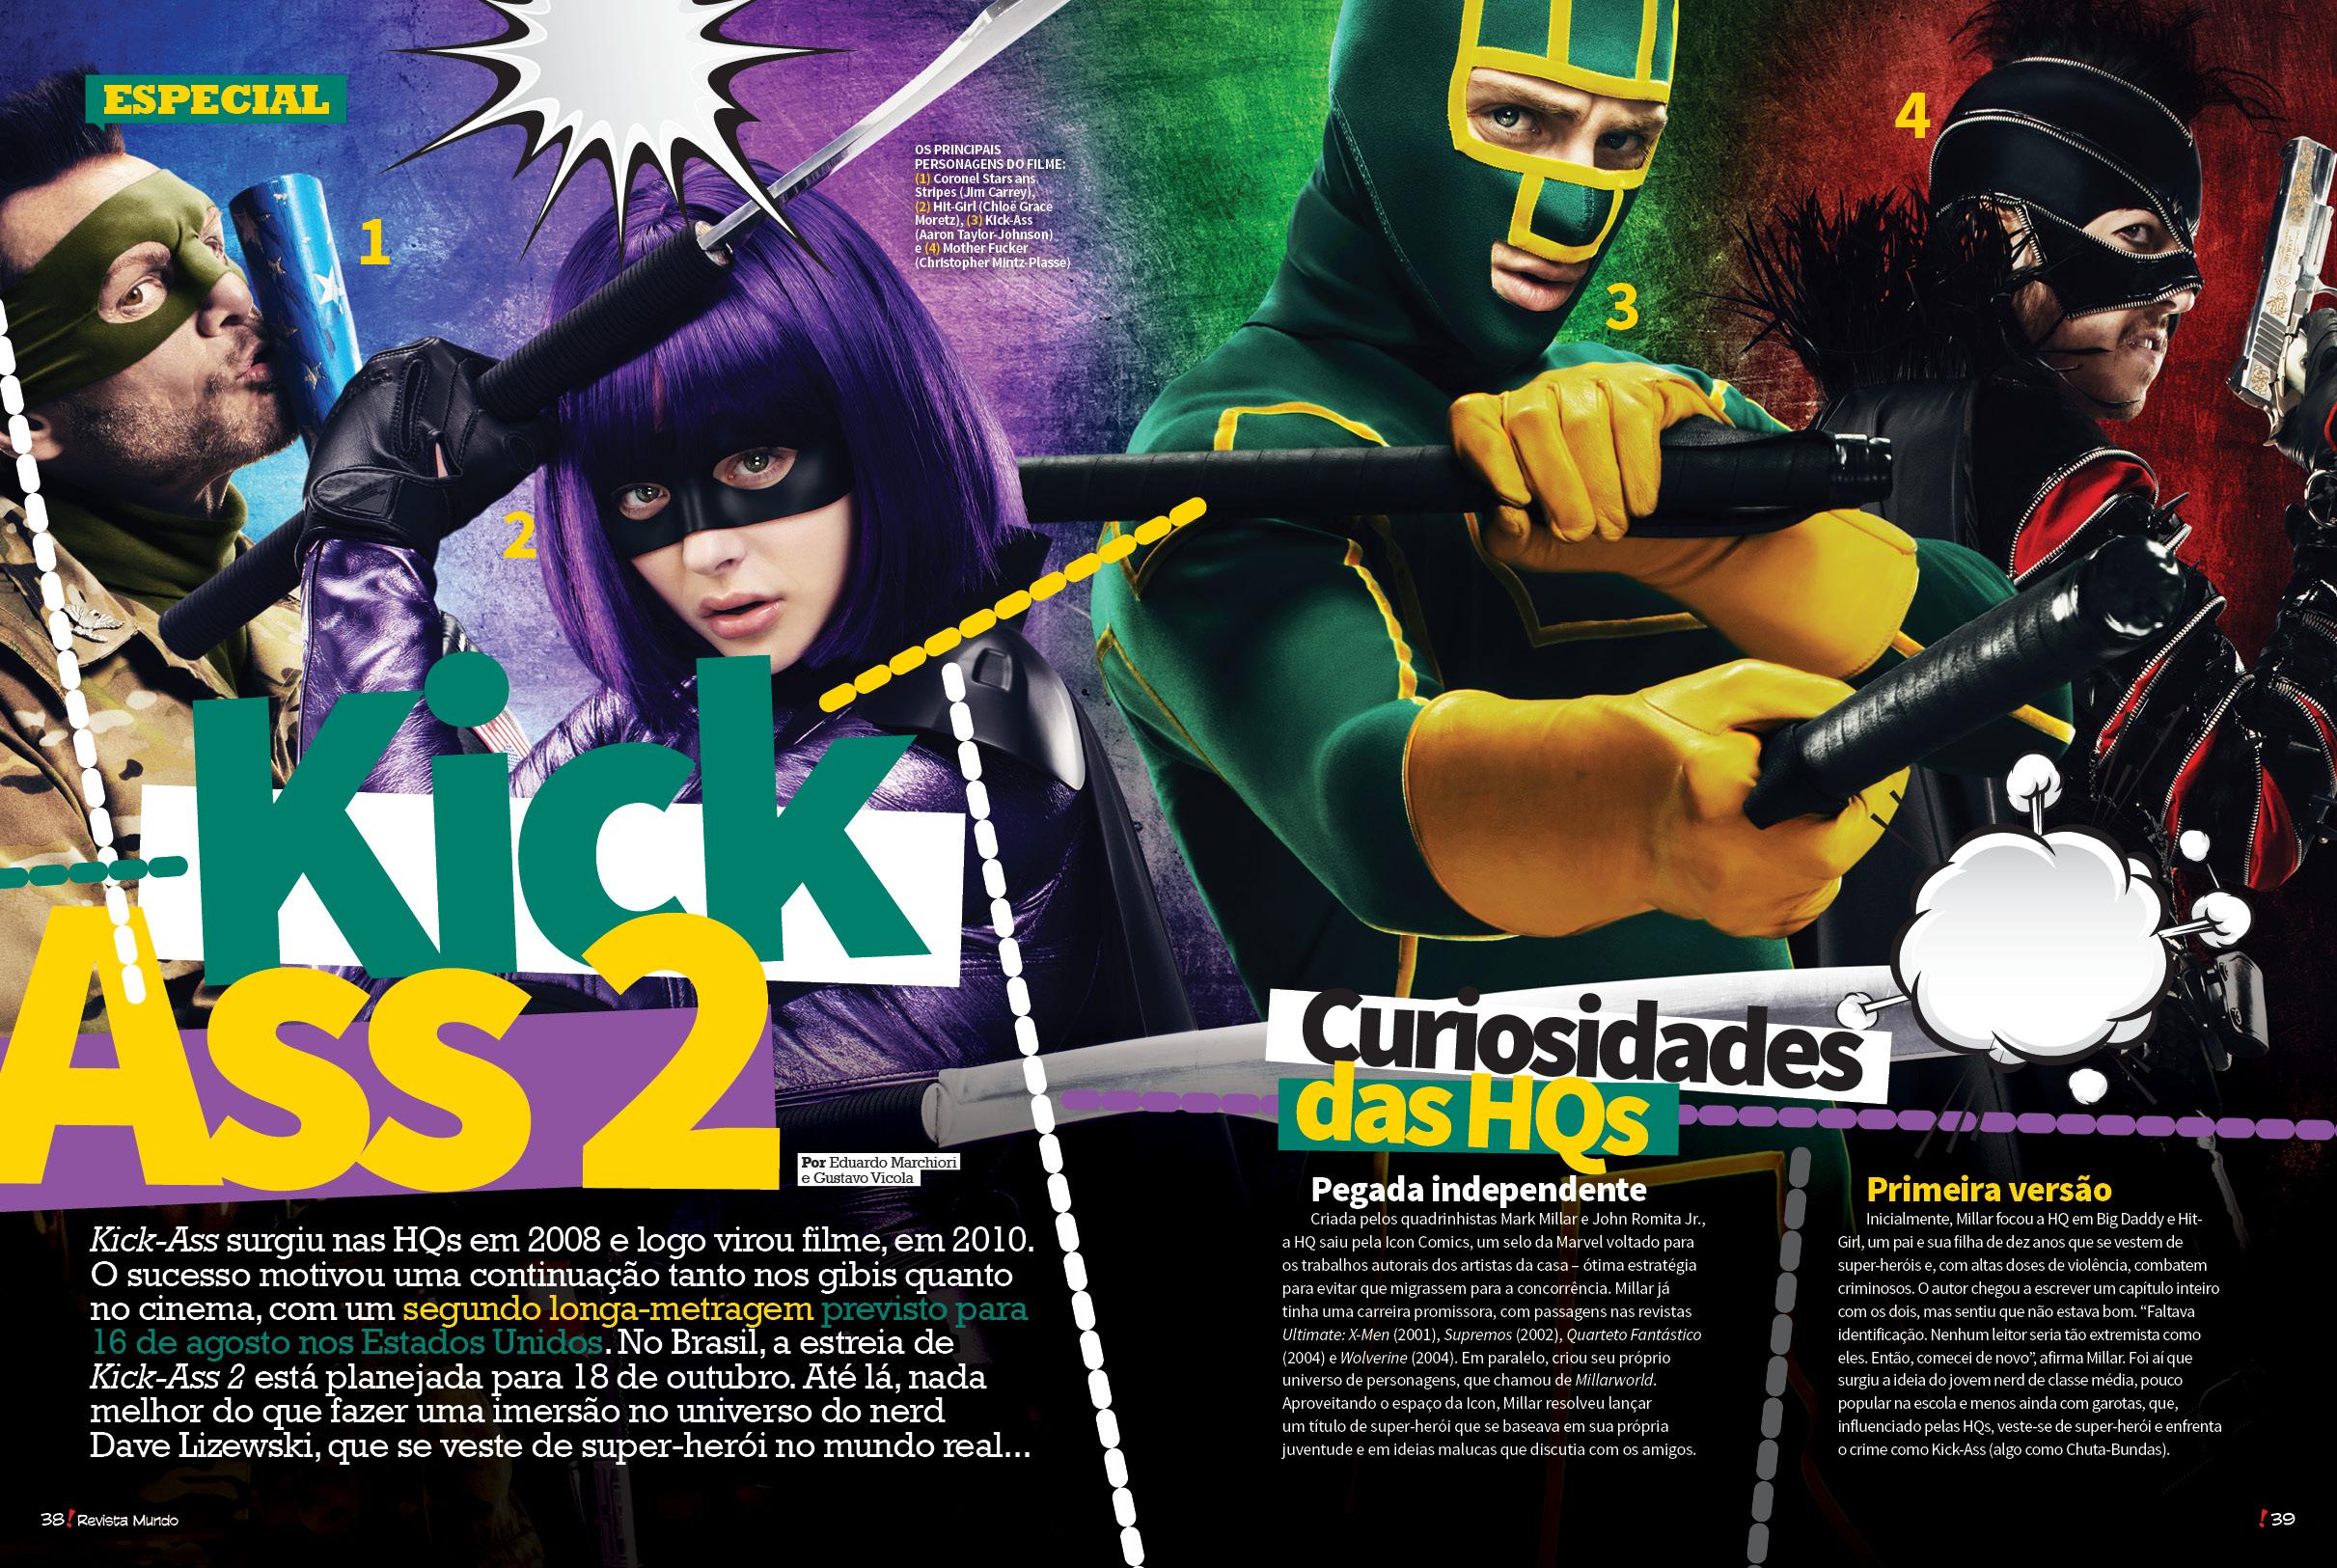 Revista Mundo dos Super-Heróis / Editora Europa